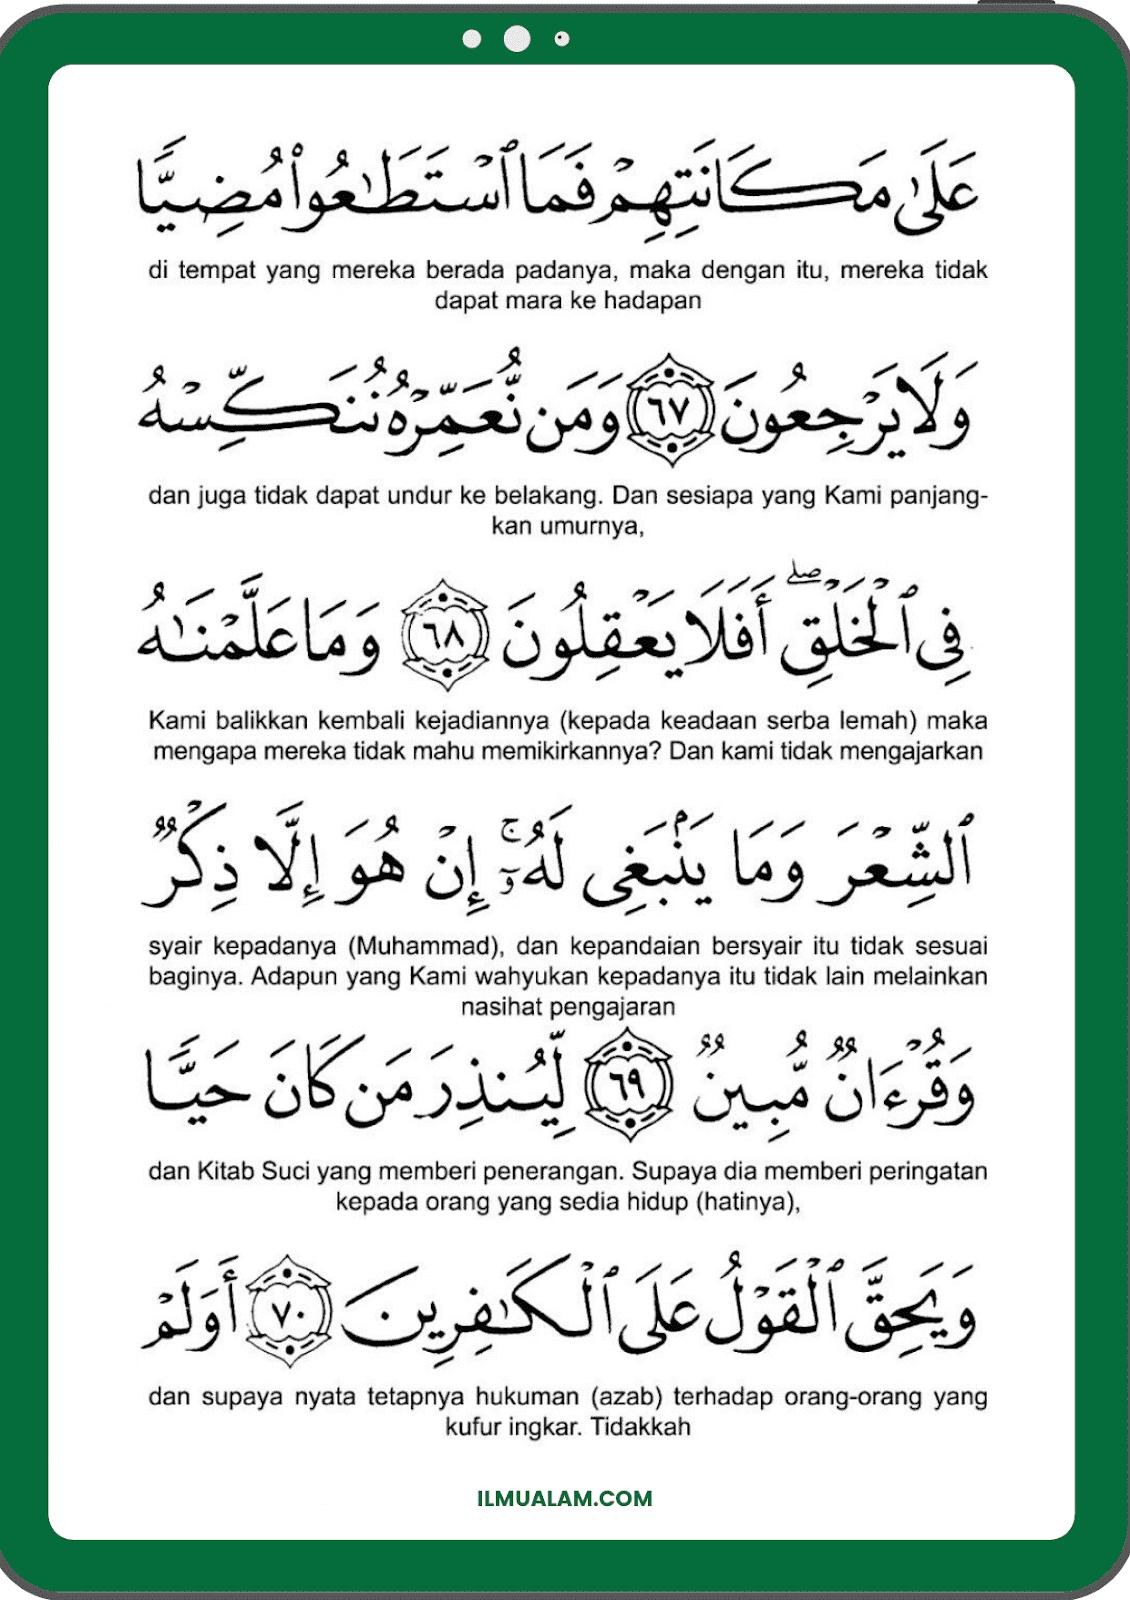 ayat daripada 67 sehingga 70